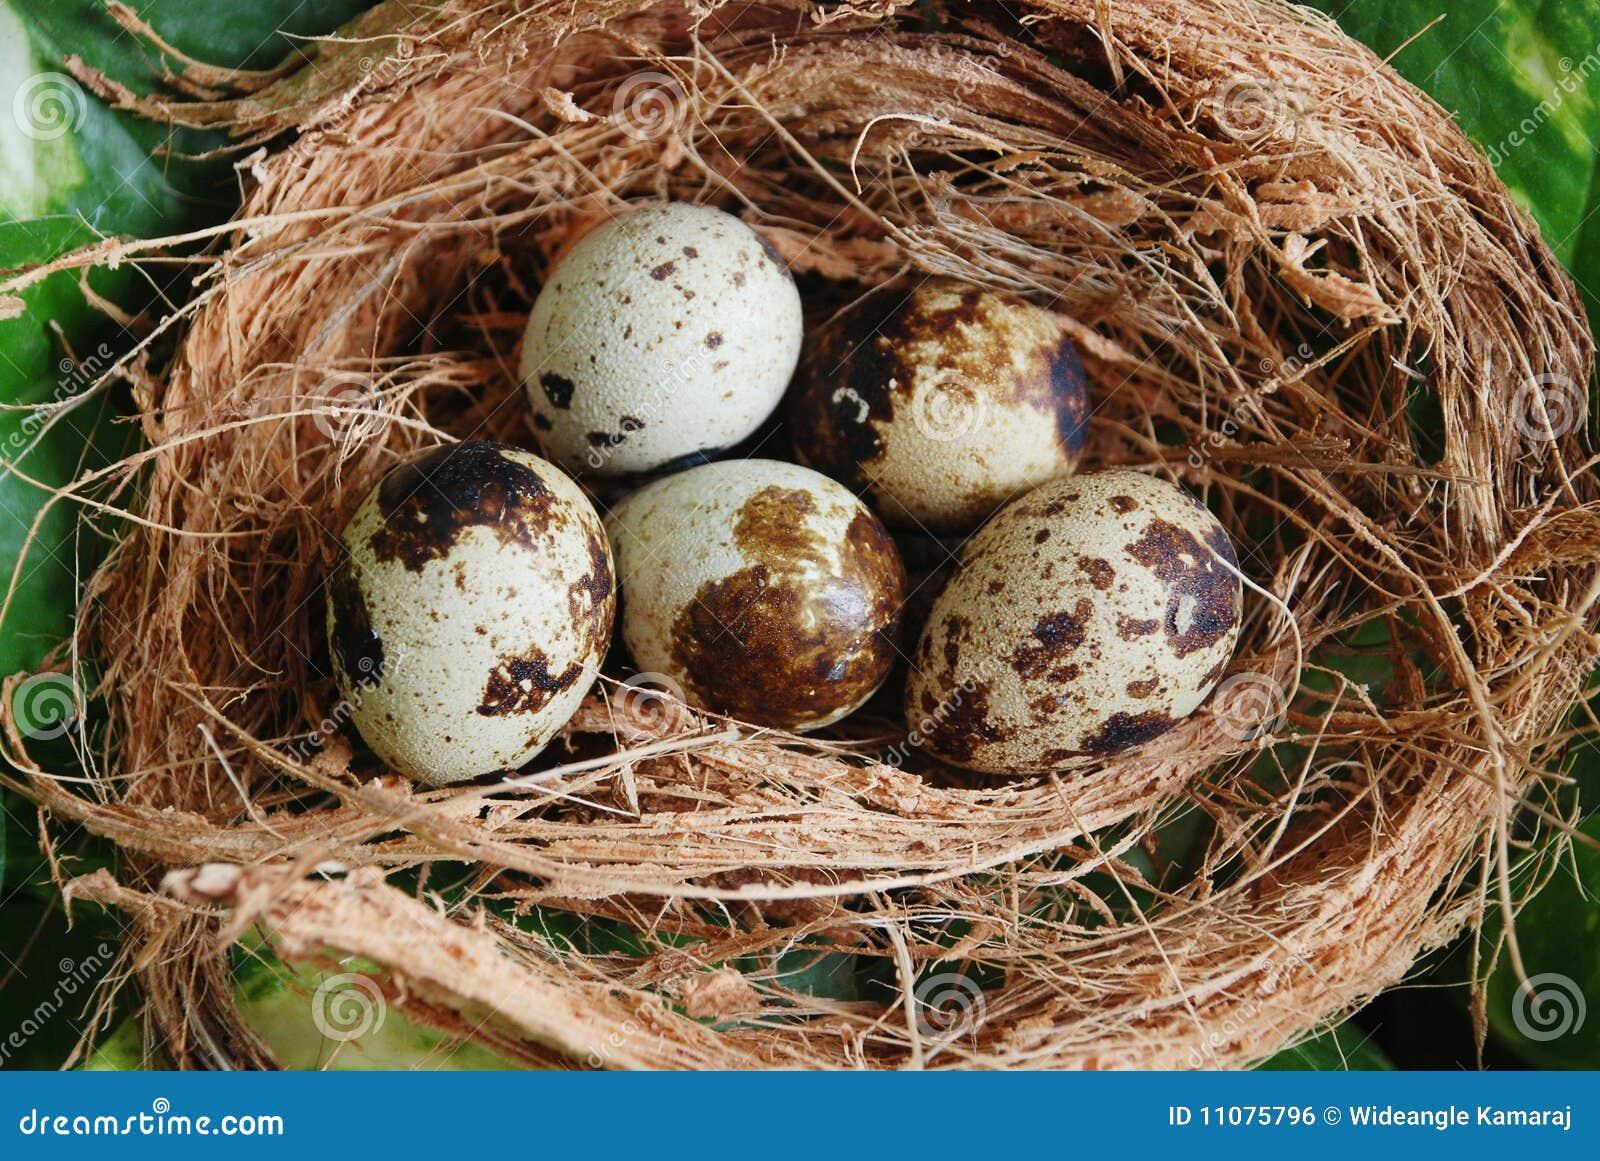 kleine eier im nest stockfoto bild von wald nest. Black Bedroom Furniture Sets. Home Design Ideas